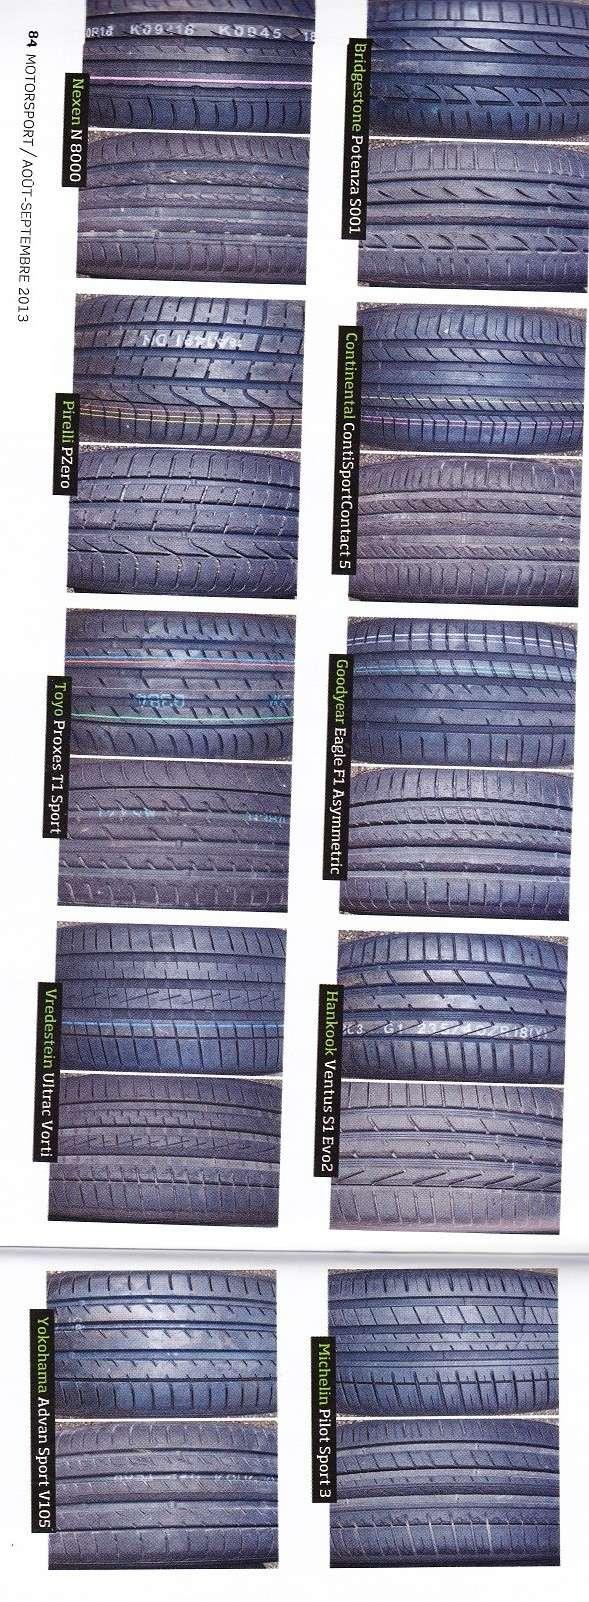 test pneus  Pneus11